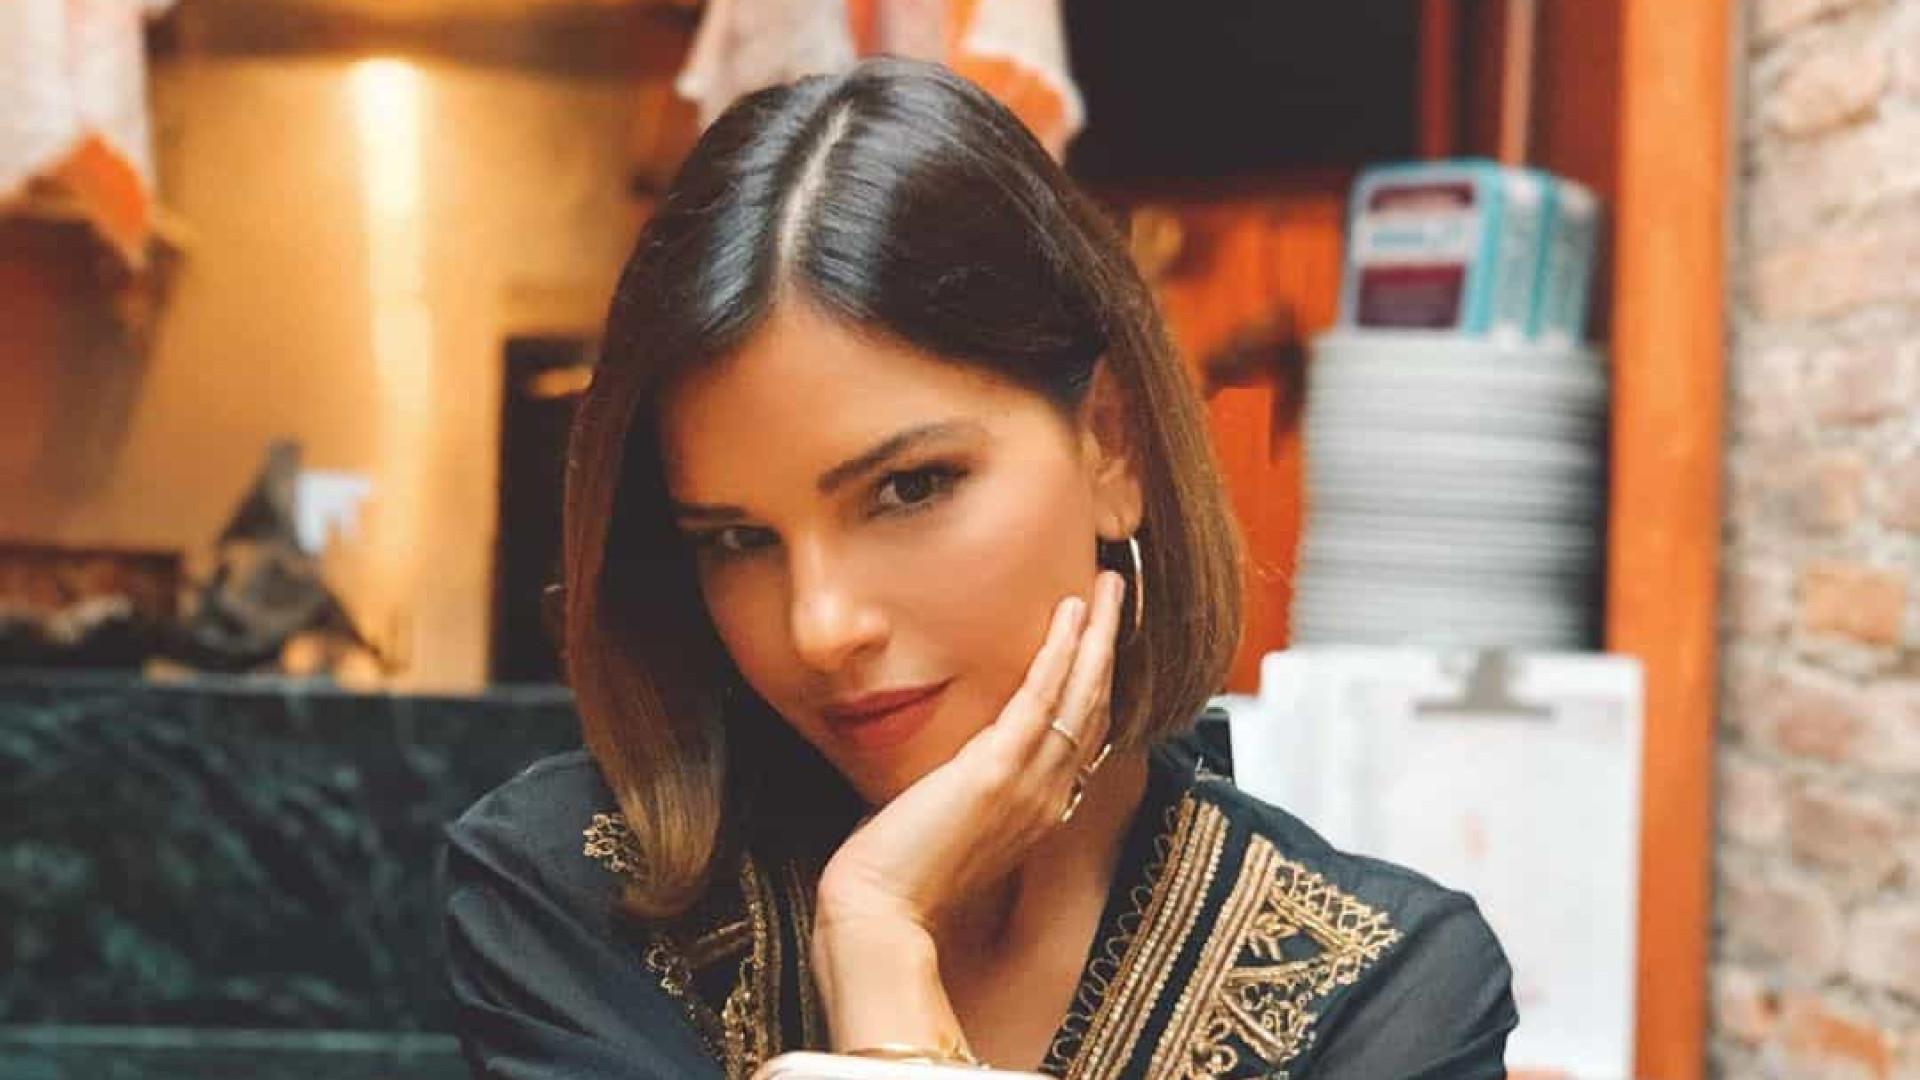 Mariana Rios descarta volta às novelas e foca em carreira musical